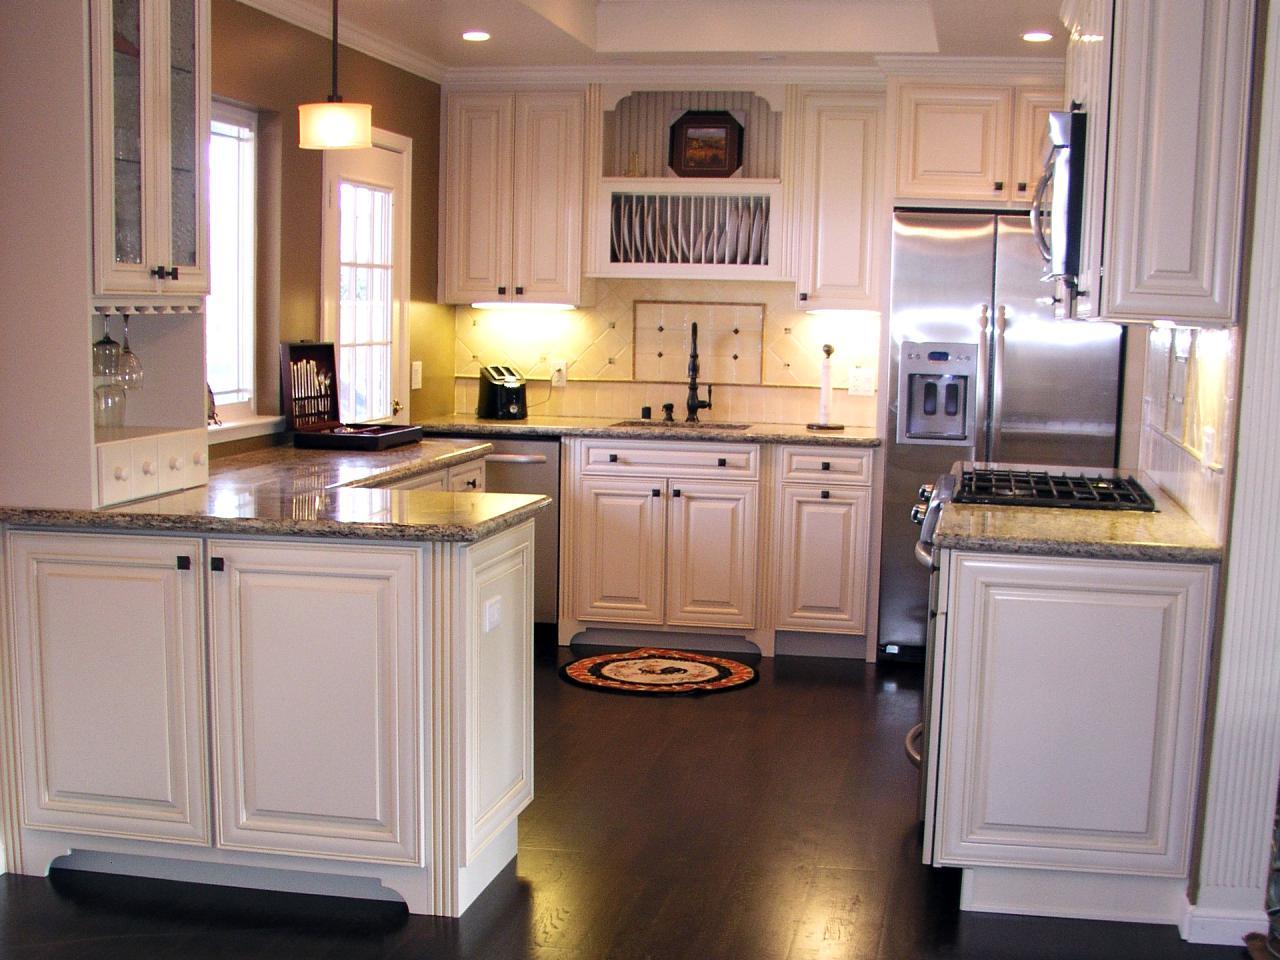 Kitchen cabinets makeover ideas | Hawk Haven